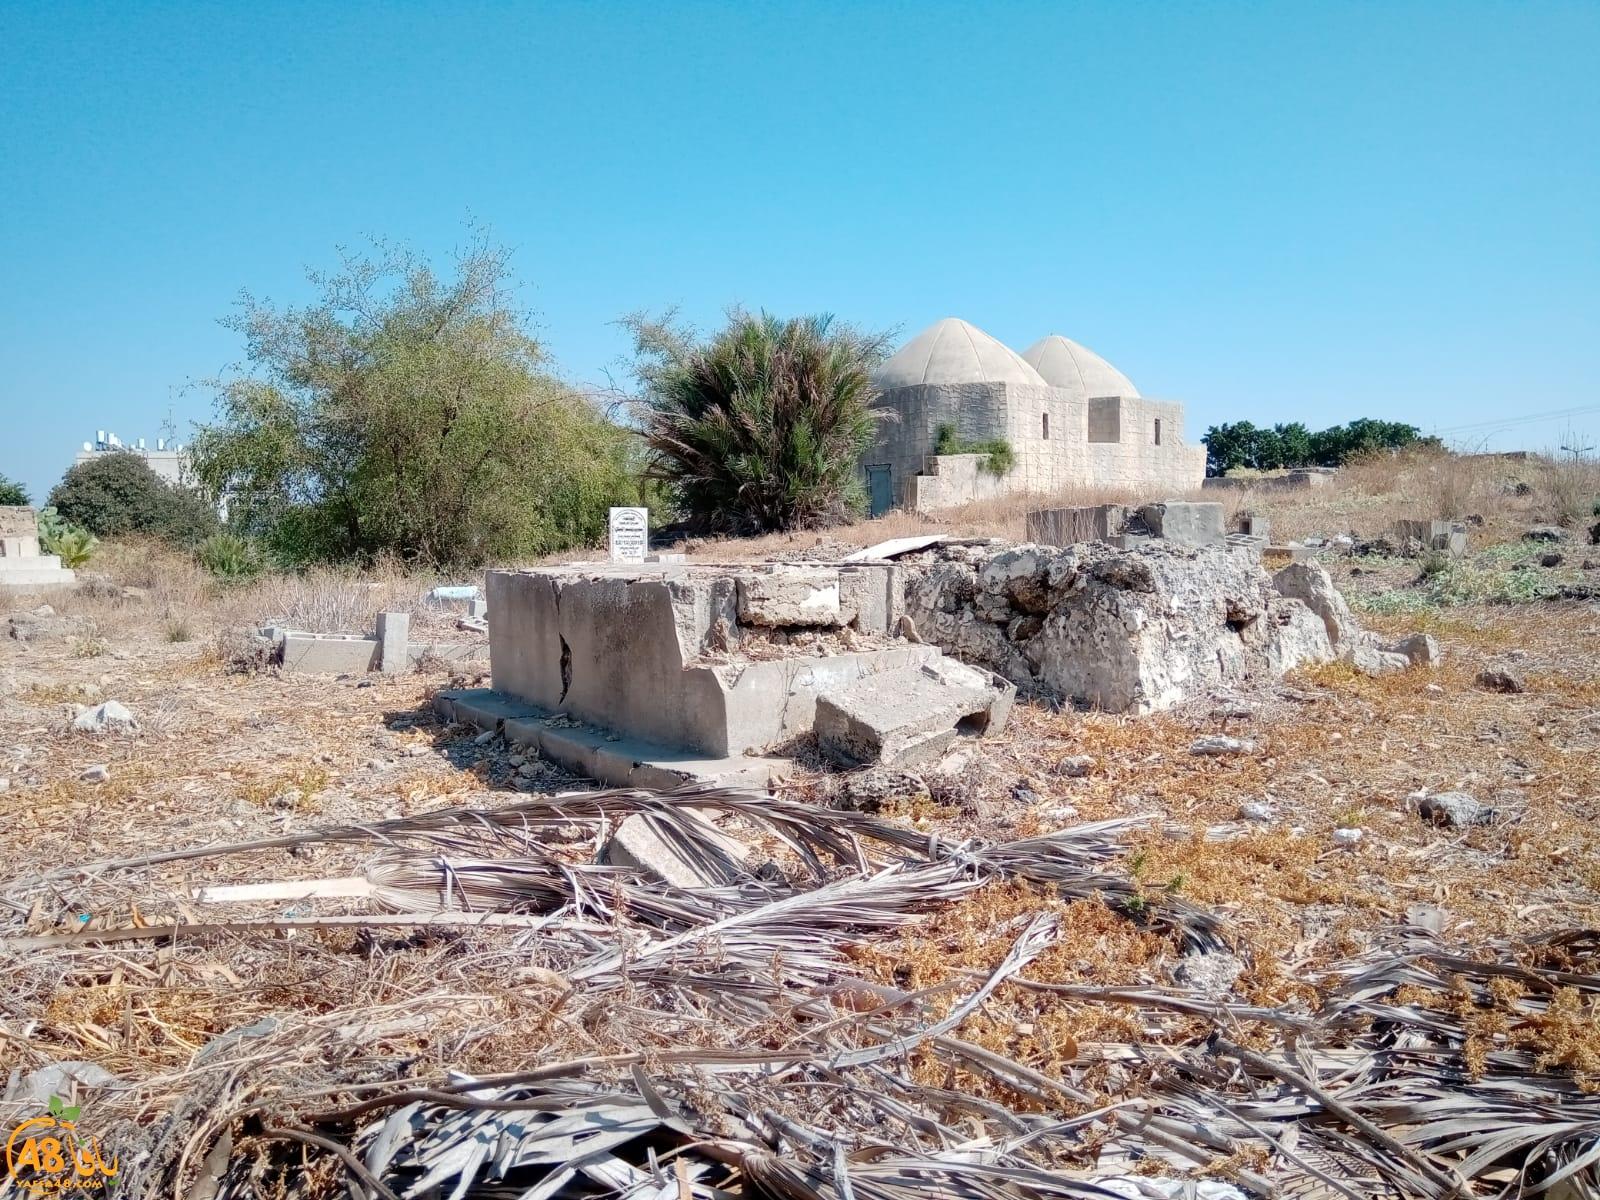 فيديو: أليّست مقبرة الشيخ مراد بيافا مقبرة اسلامية بحاجة لرعاية وصيانة ؟!